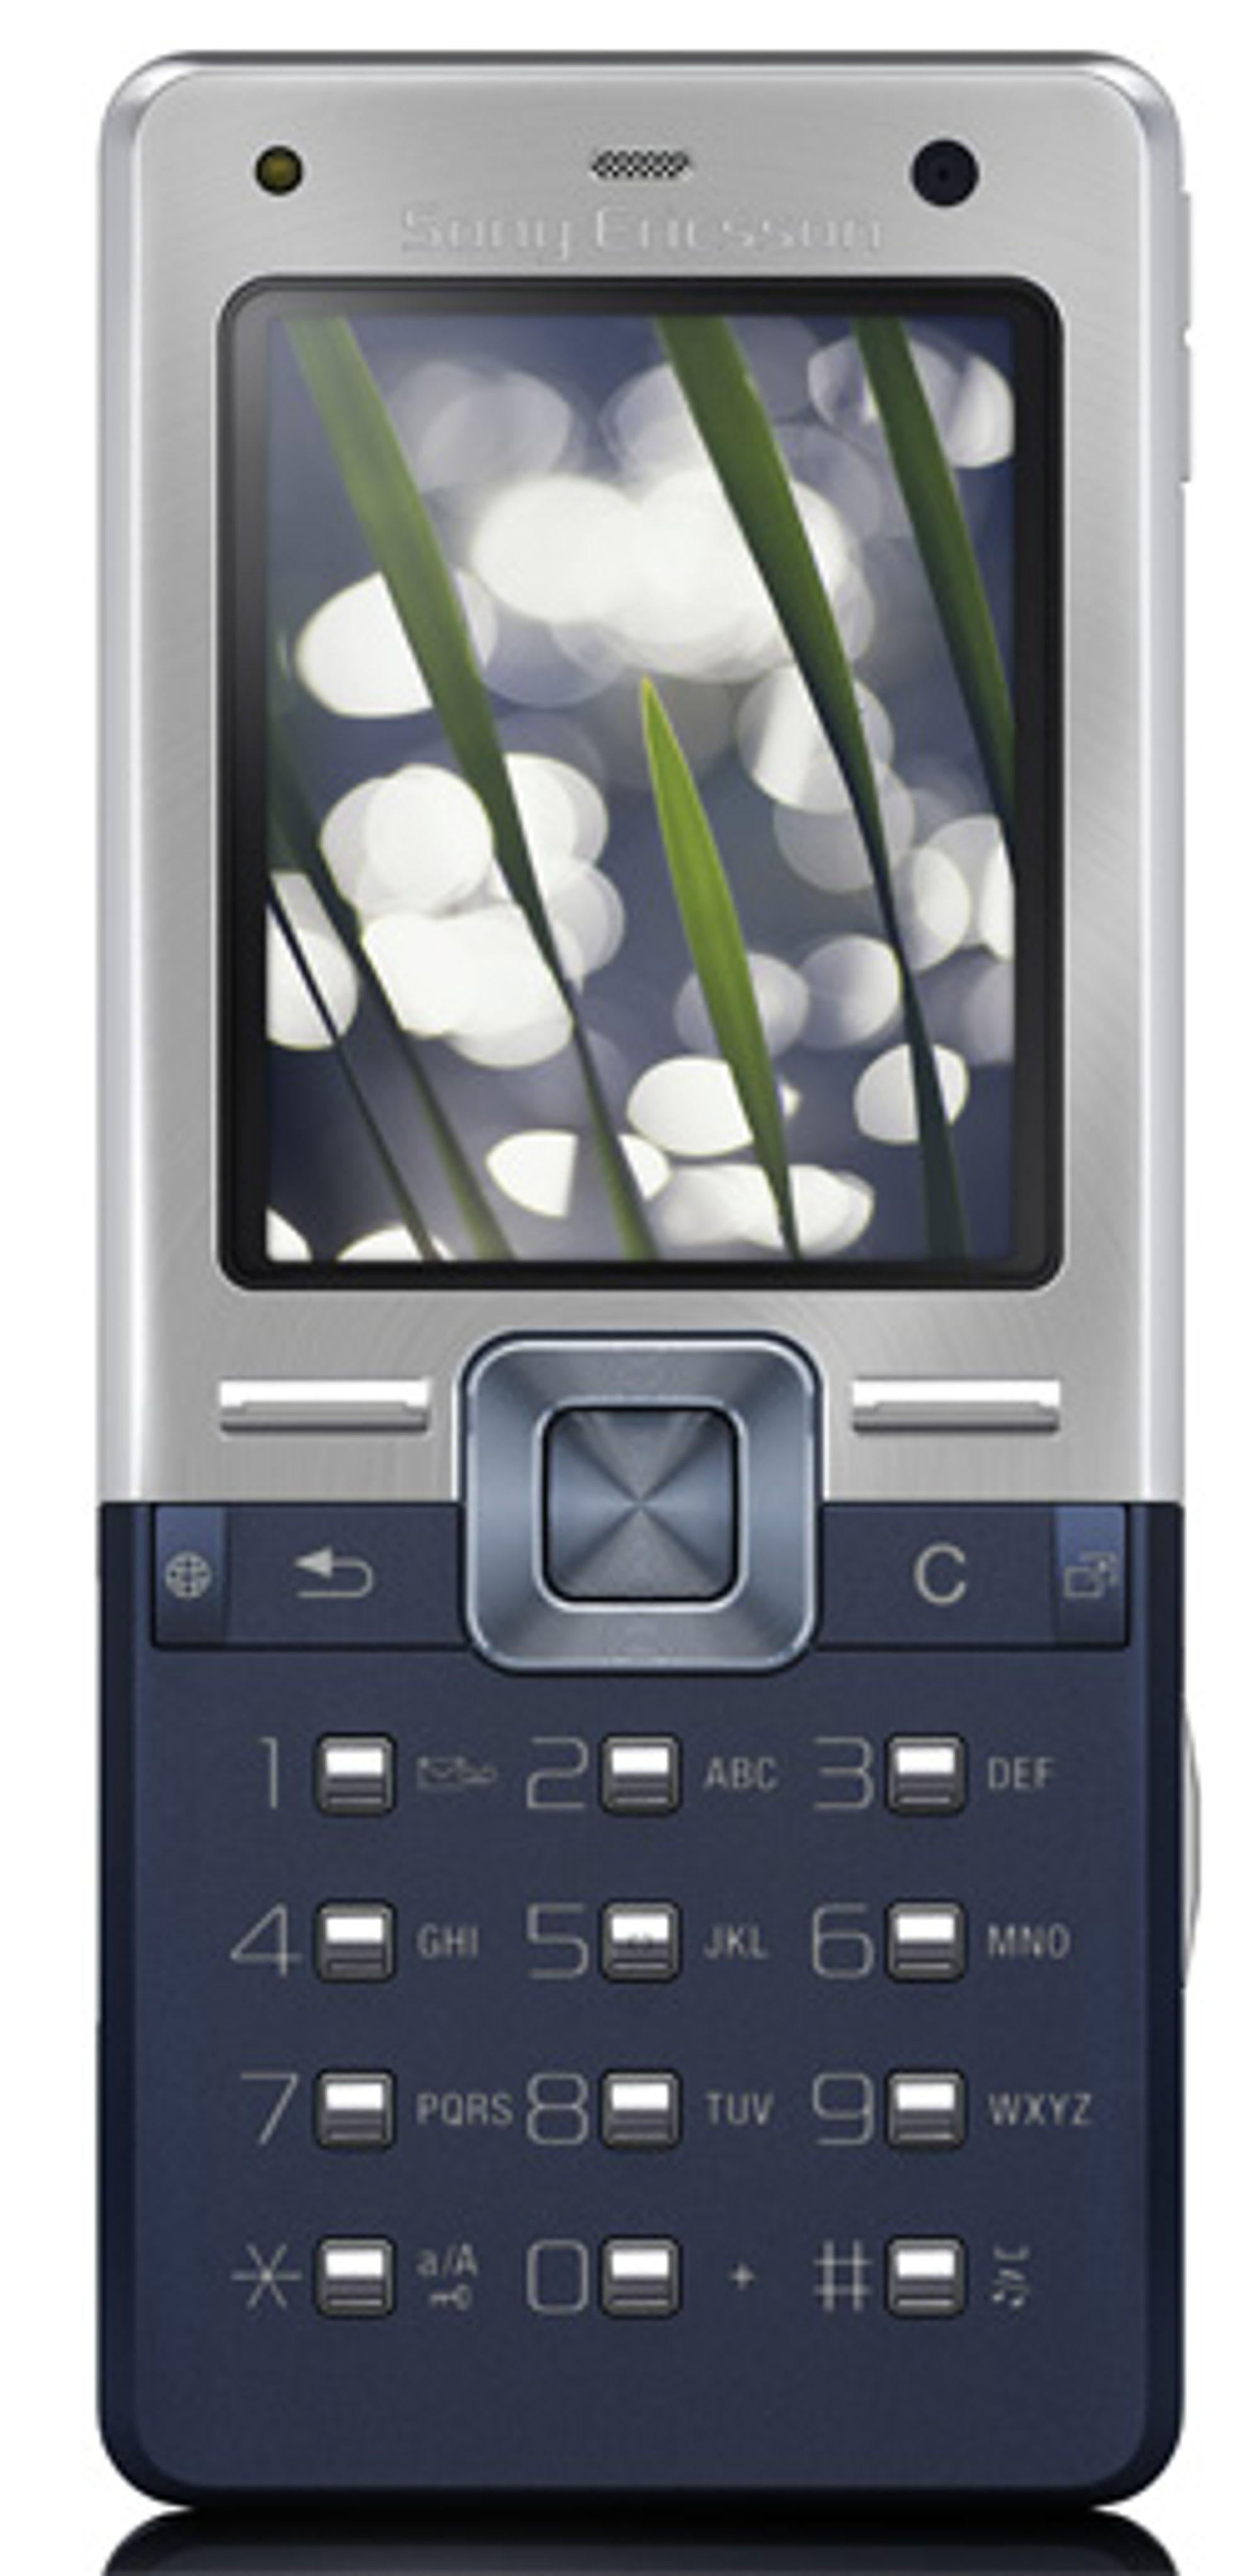 T650i er årets grønneste mobiltelefon. (Foto: Sony Ericsson)